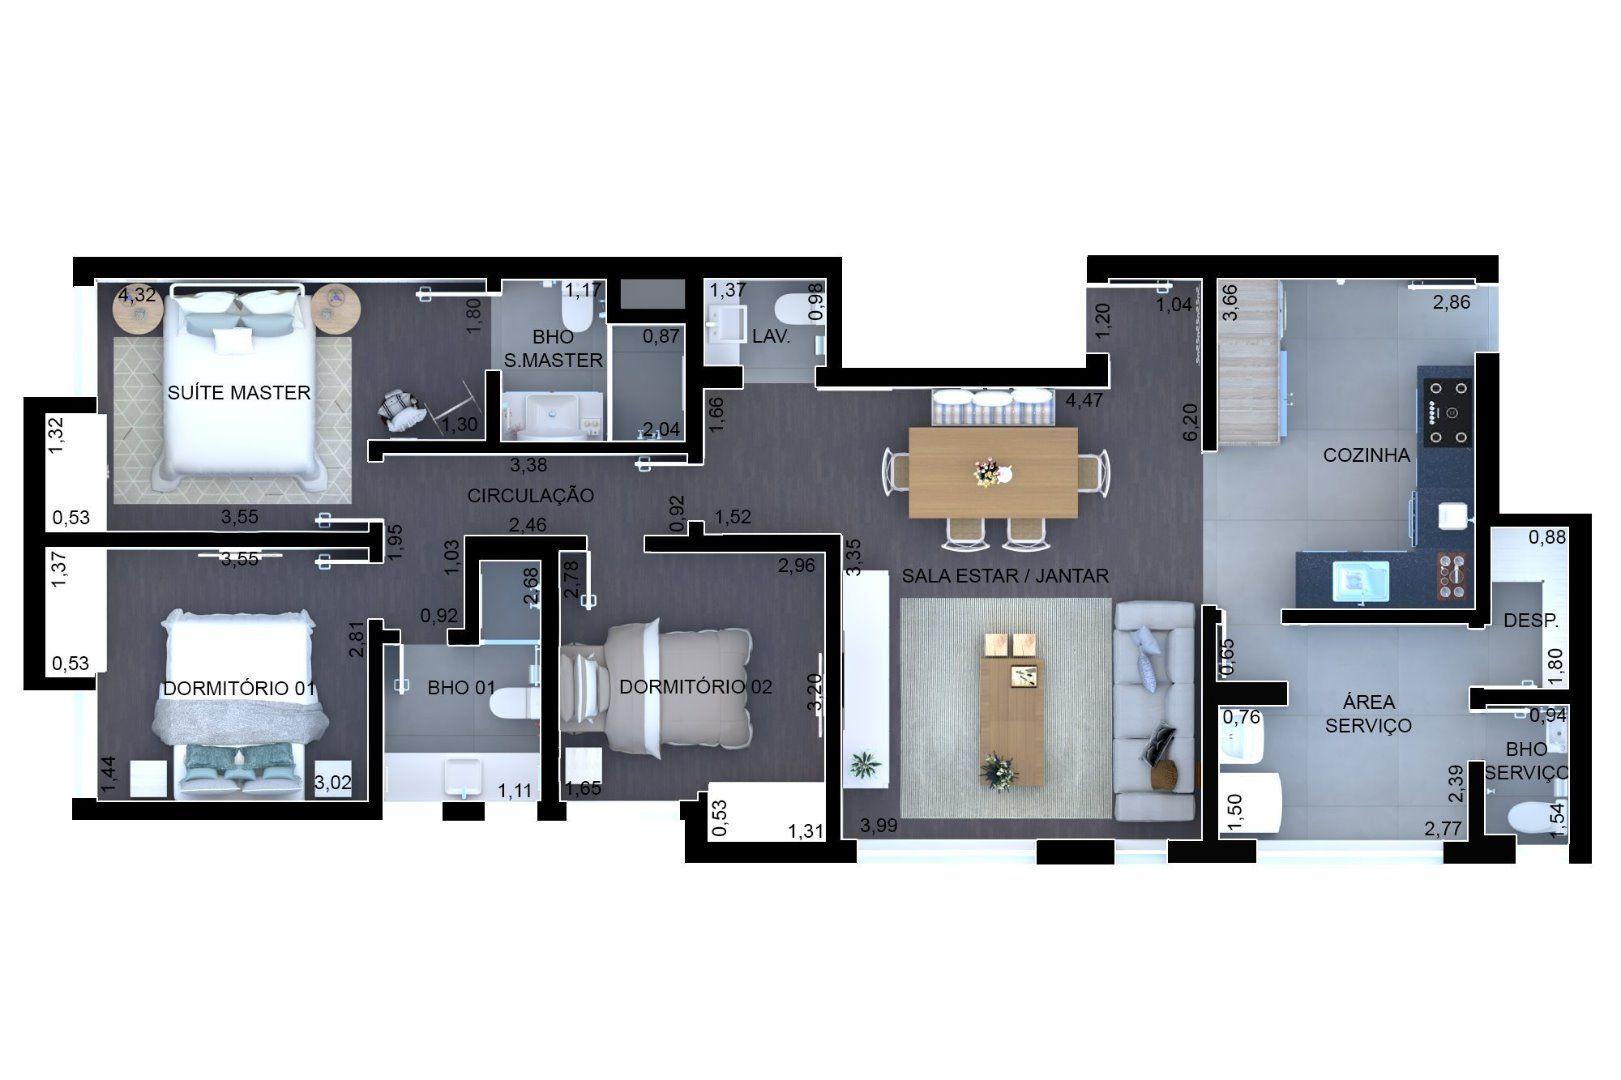 101 M² - 3 DORMITÓRIOS, SENDO 1 SUÍTE. (Apartamento 54, 5º andar).